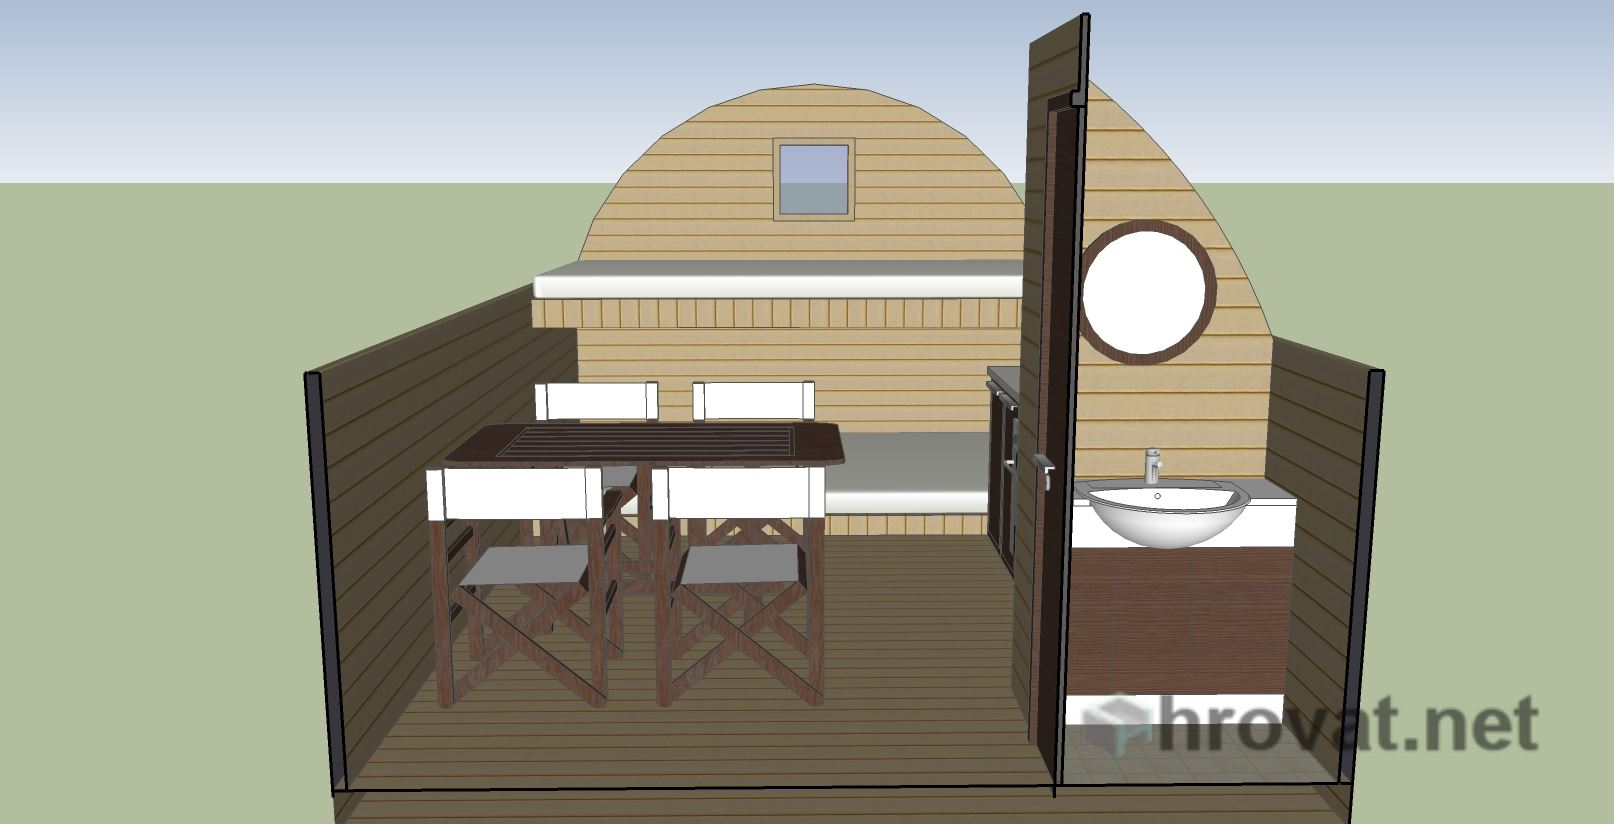 Glamping-bungalow-igloo-M-6